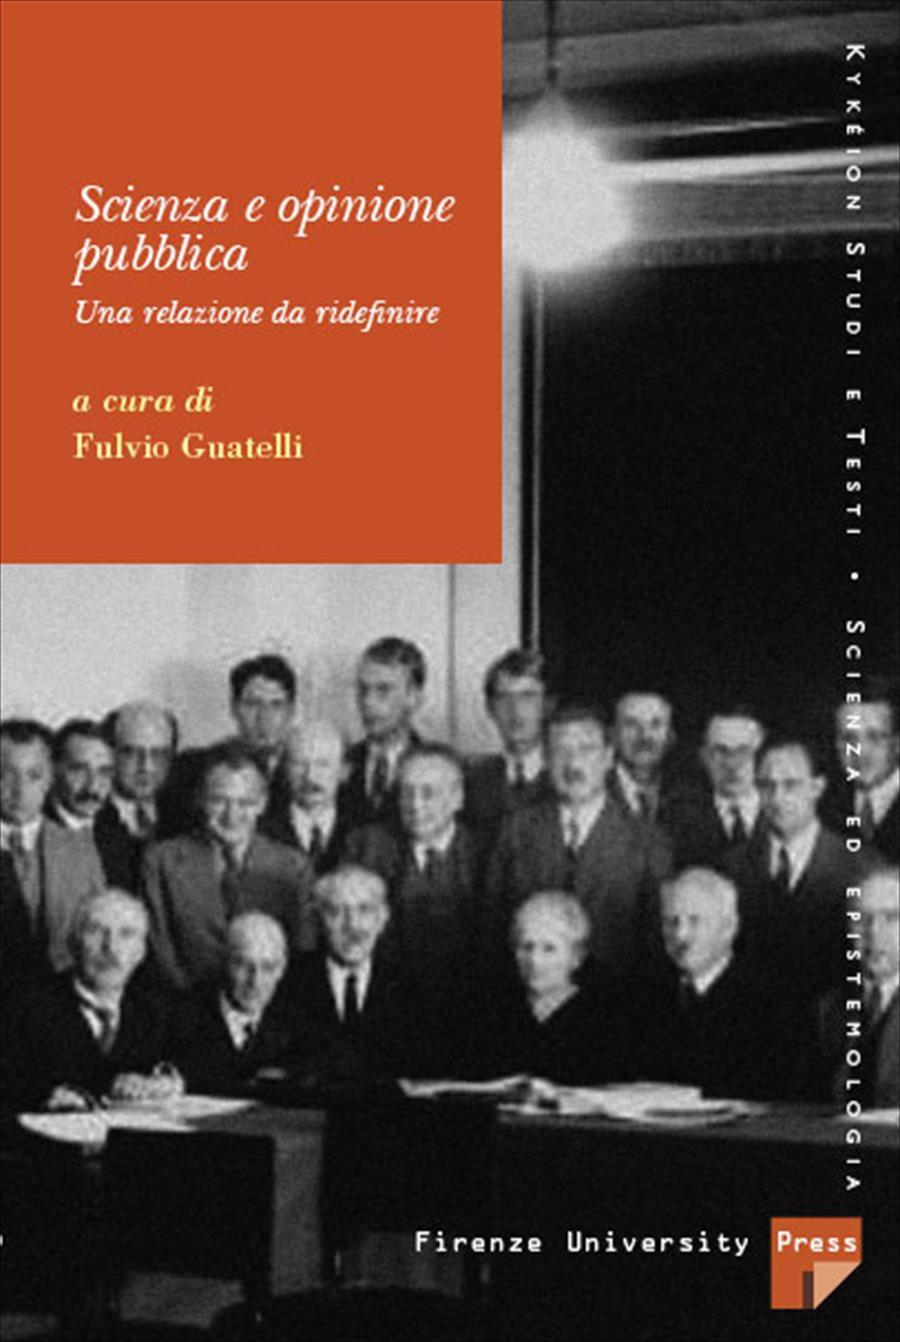 Scienza e opinione pubblica